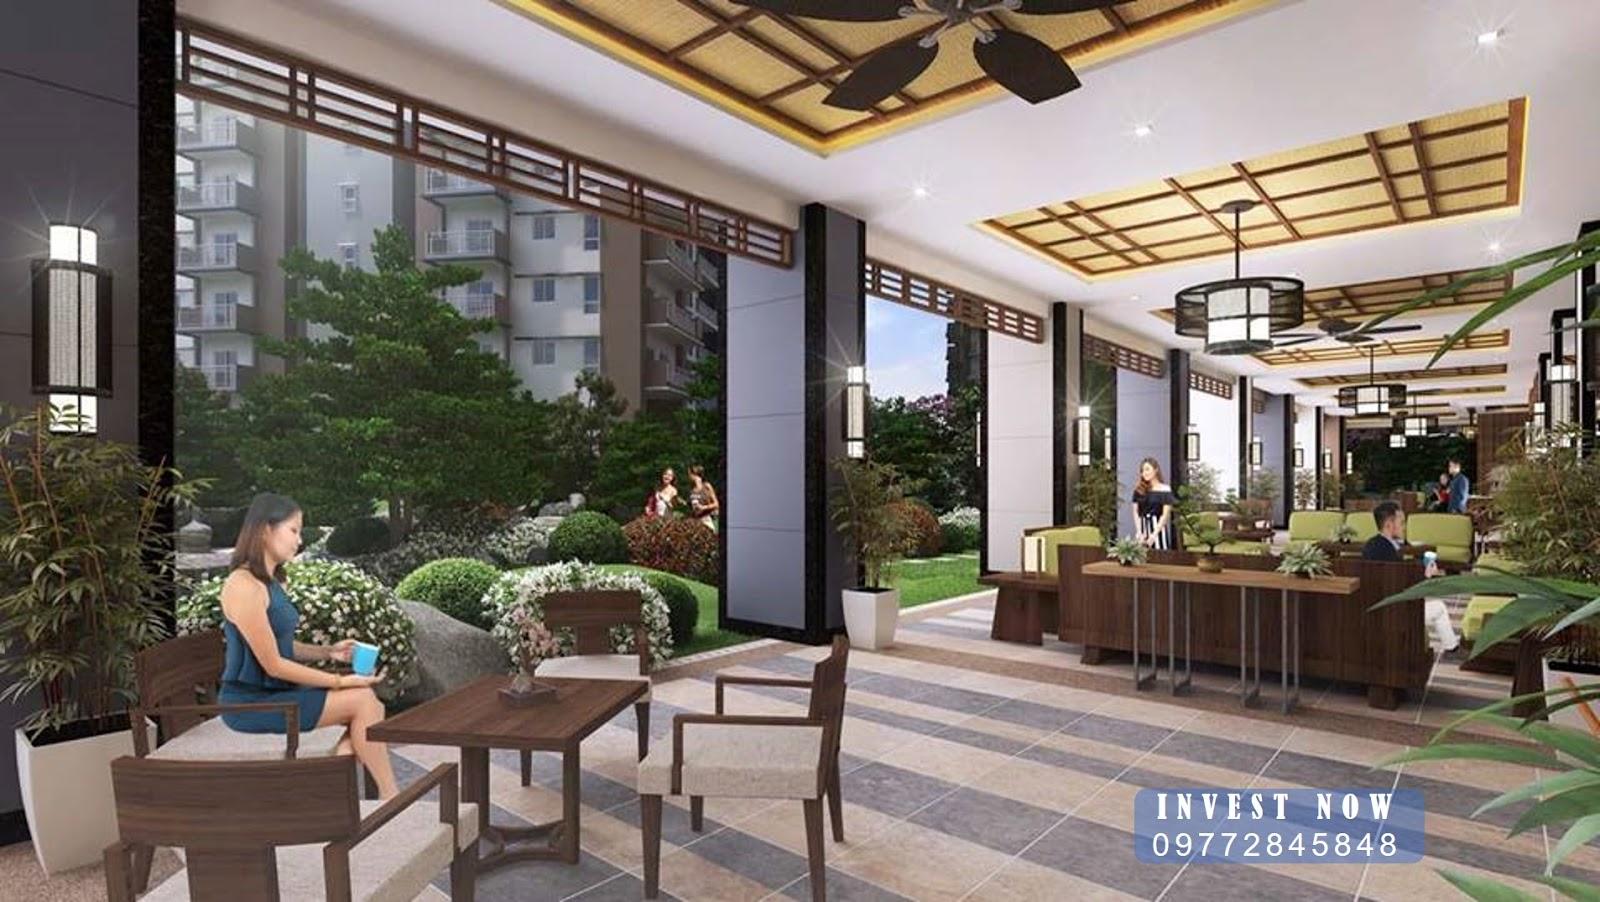 Metro manila condo for sale pre selling condo in for Homes for sale under 50 000 near me